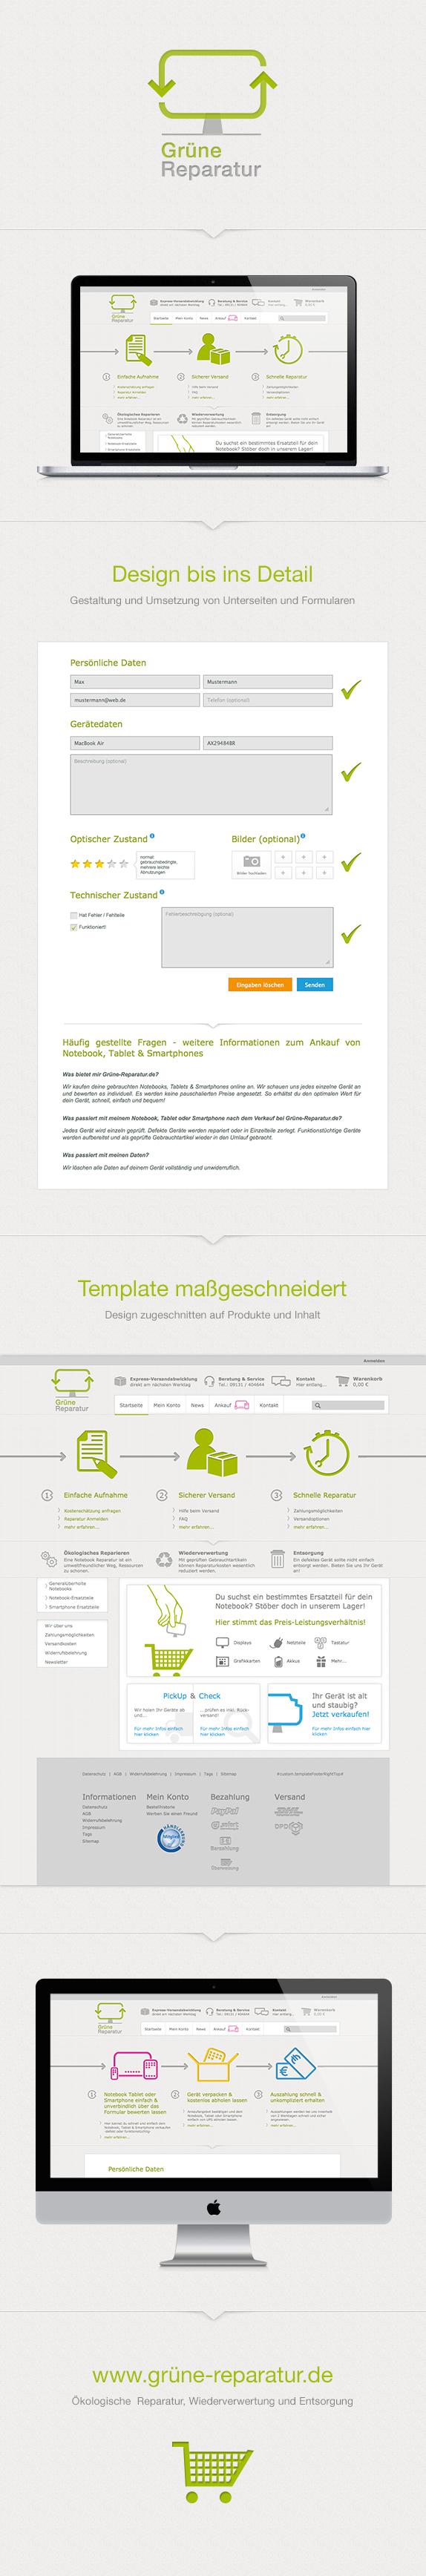 JTL-Shop   Design - Programmierung - Betreuung - Onlinemarketing